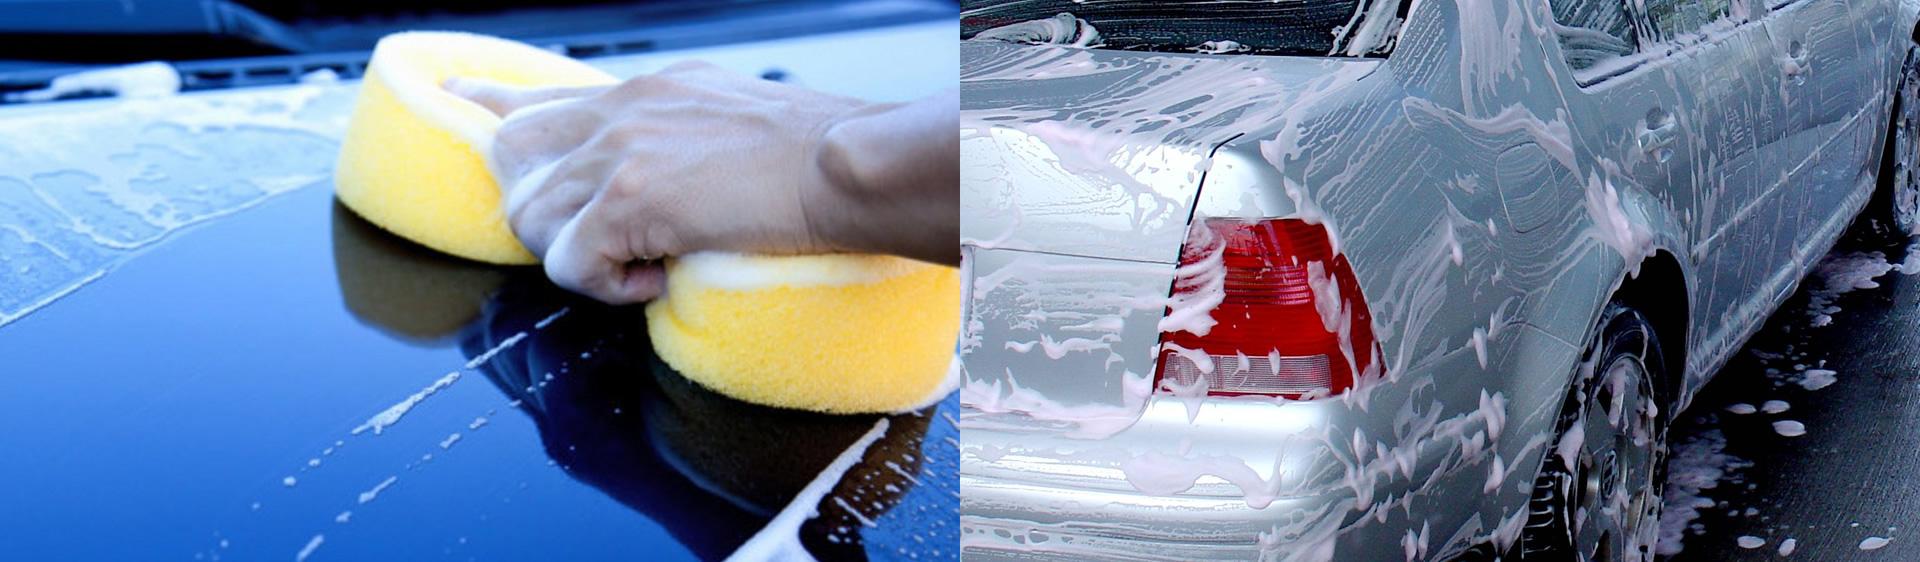 Autolavaggio a Nichelino (TO) | Delfino Car Wash